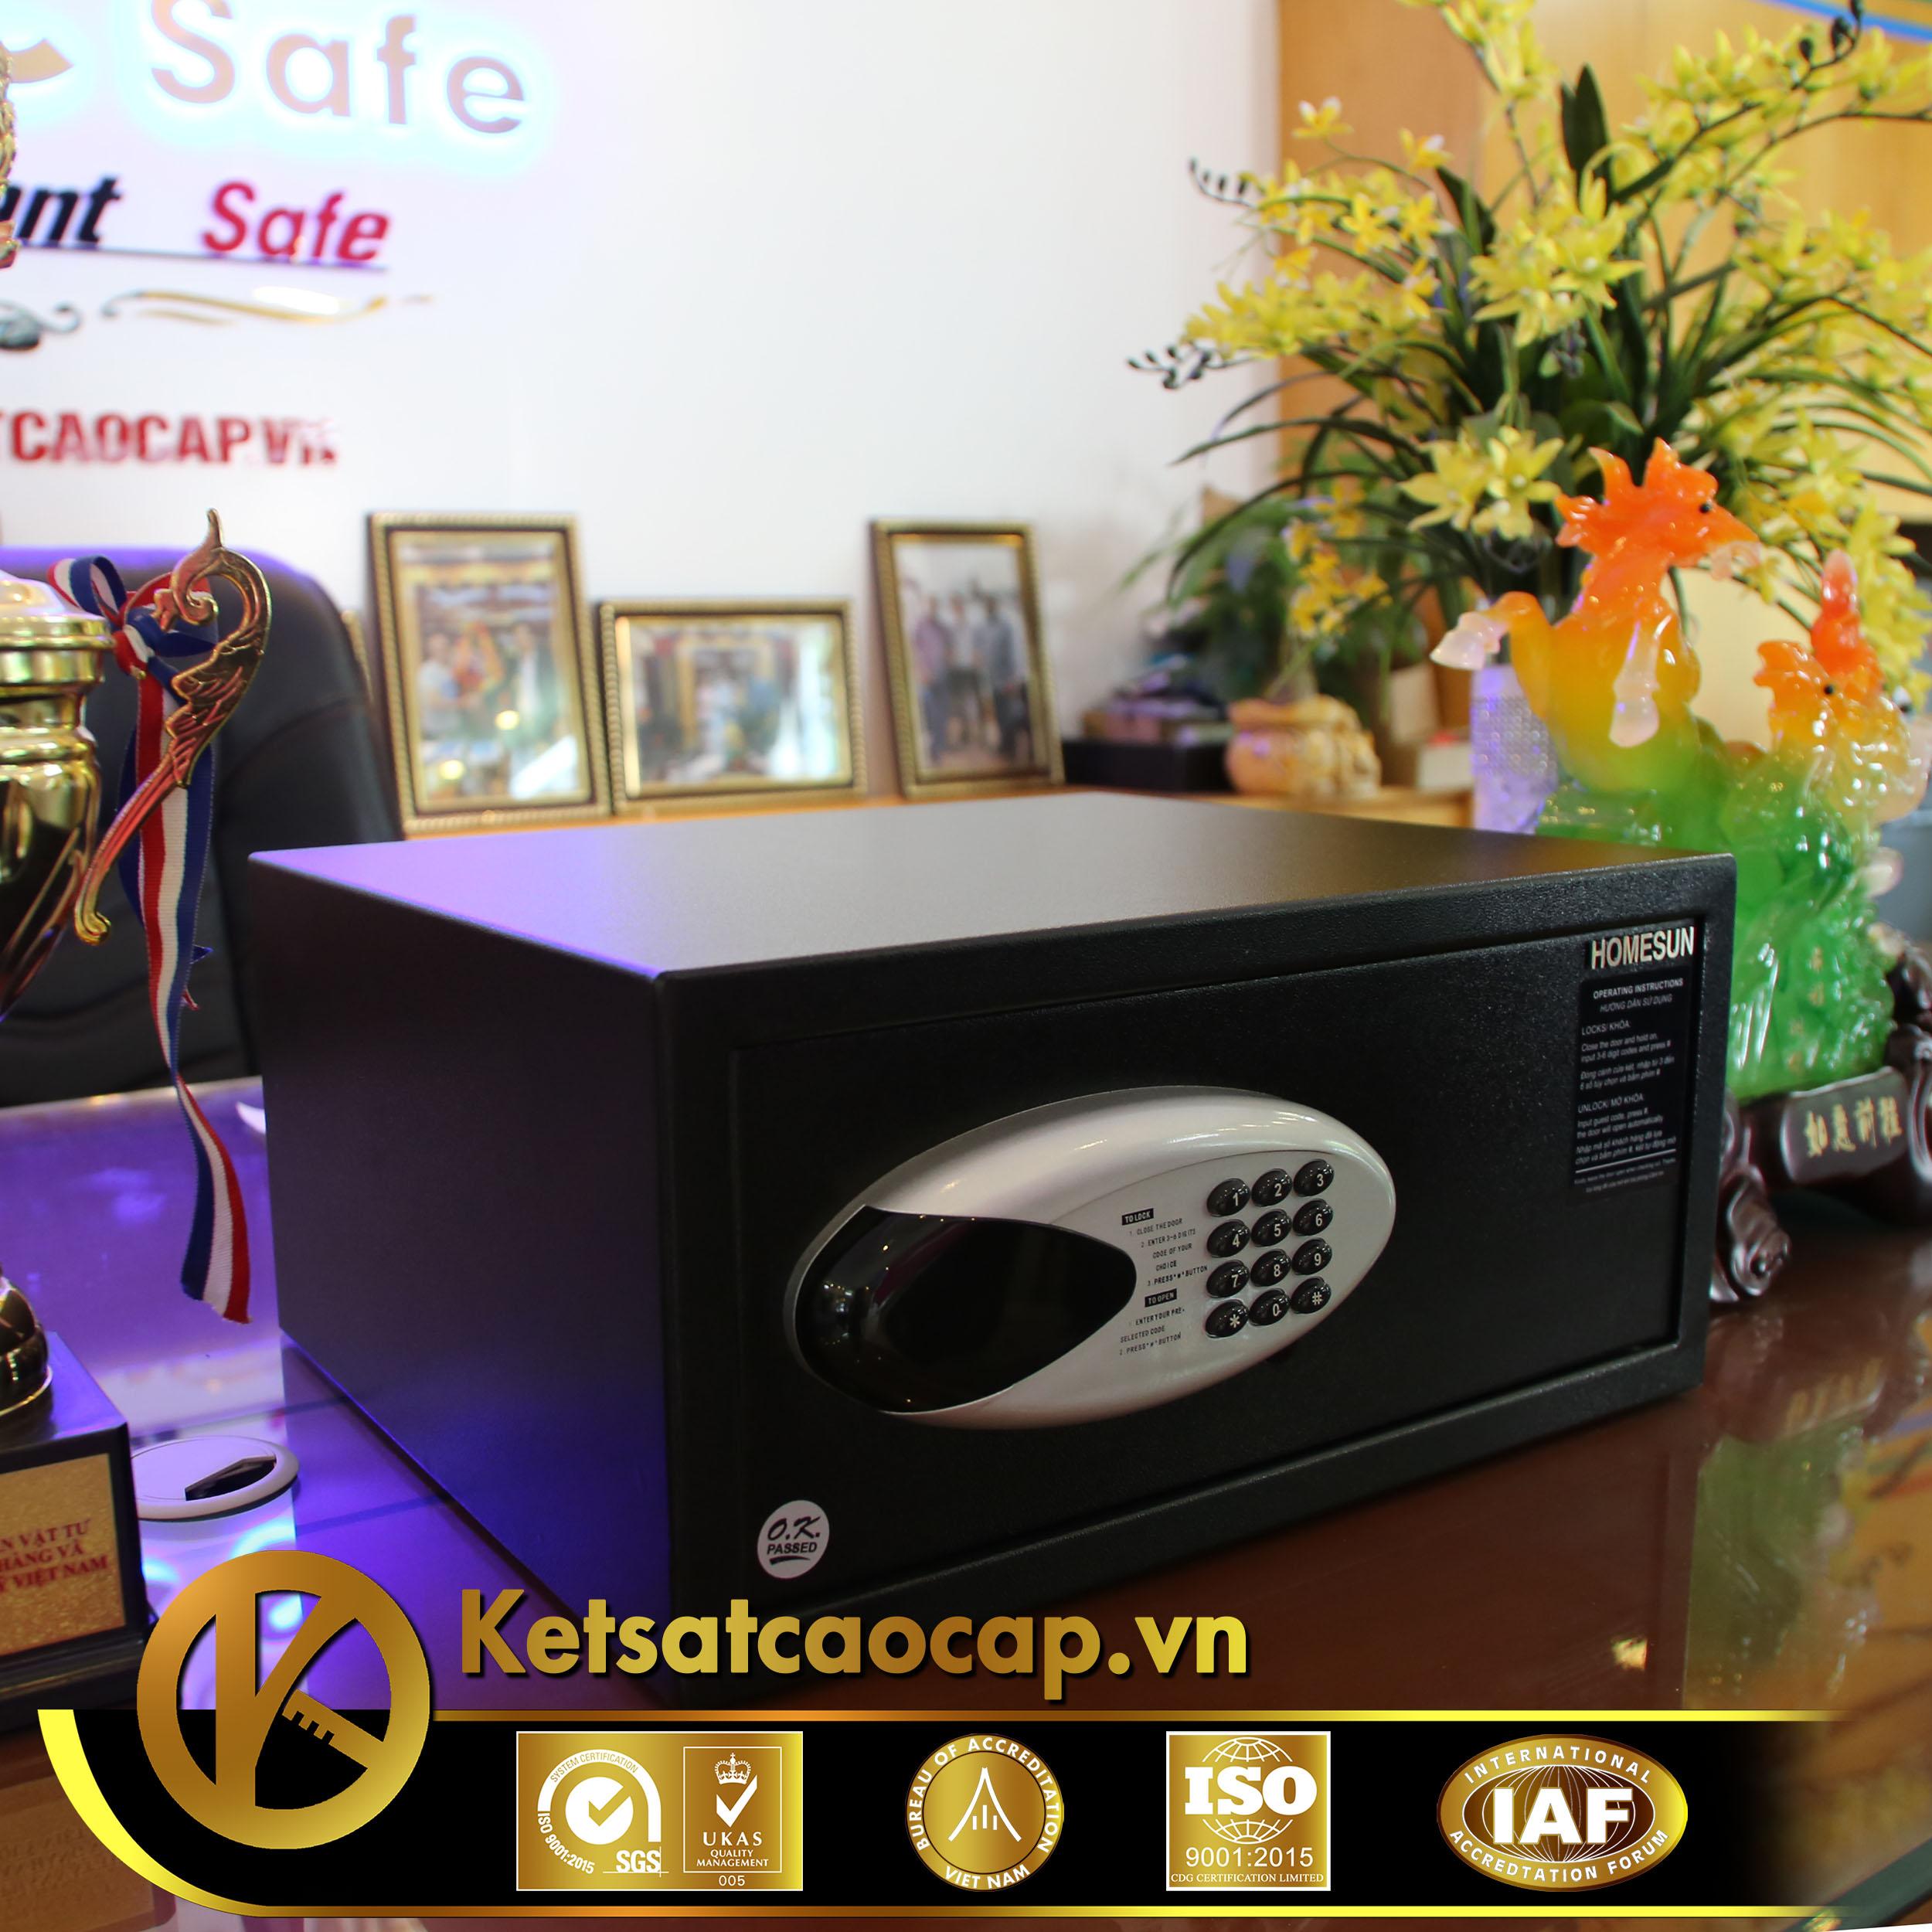 cửa hàng bán ket sat khach san Hotel Safe Ba Ria Vung Tau